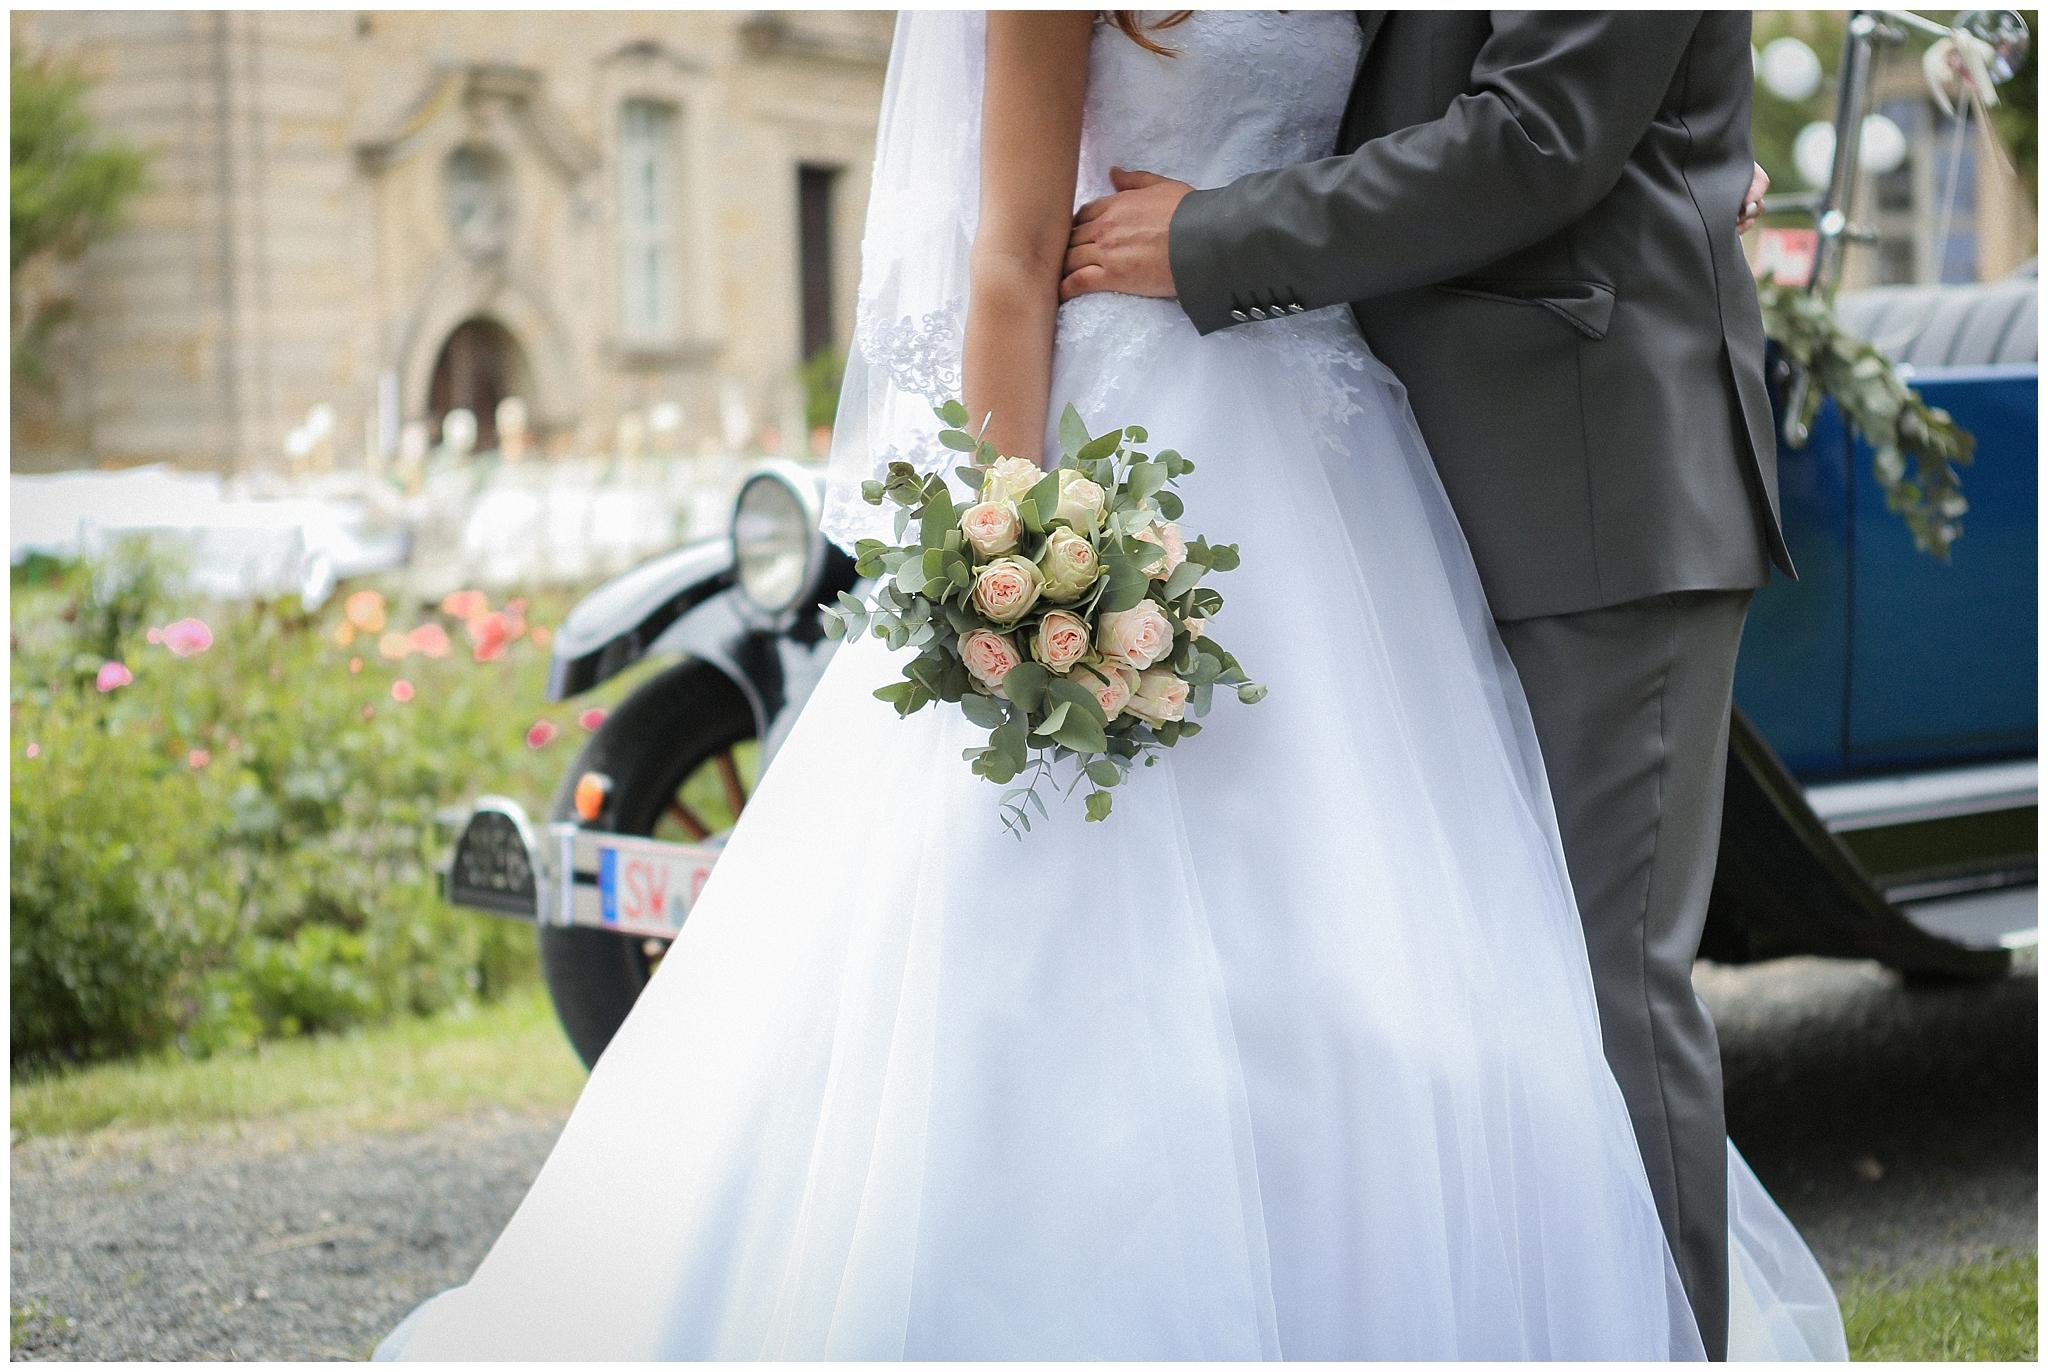 Hochzeit_Menninger_dieLICHTBUILDER_51.jpg